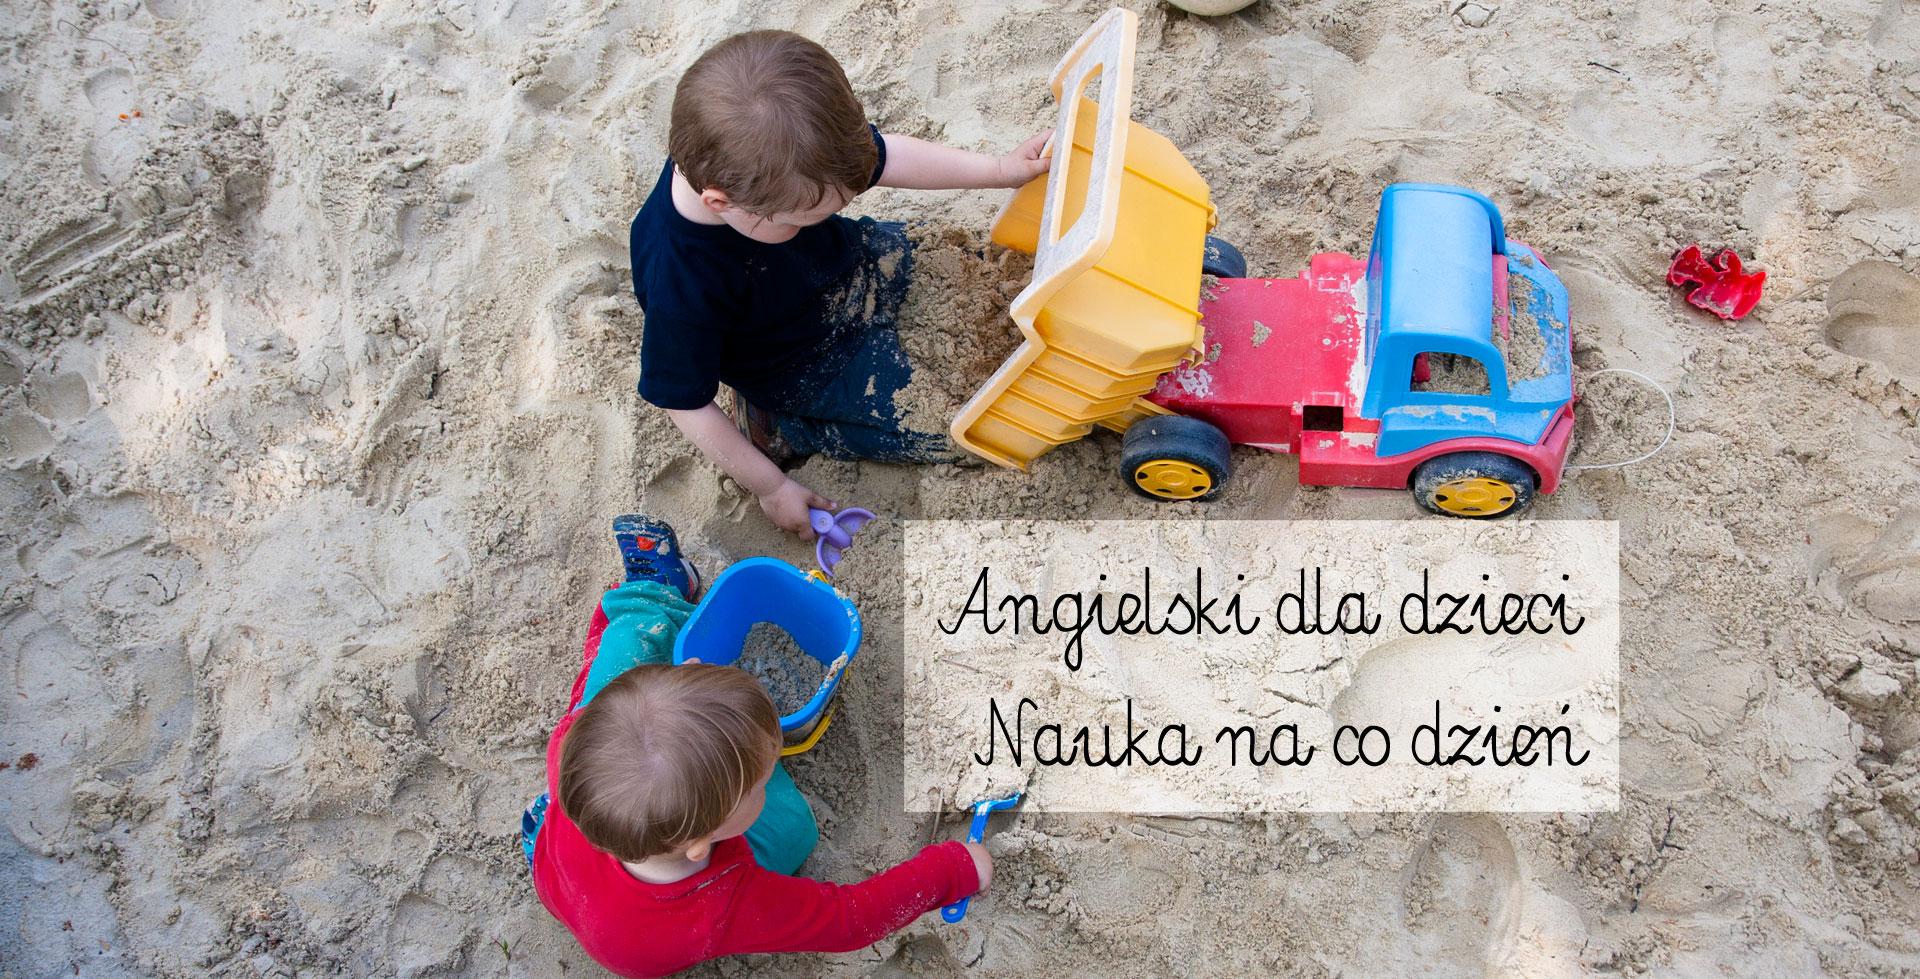 angielski dla dzieci, jak uczyć dziecko angielskiego w domu, angielski na co dzień